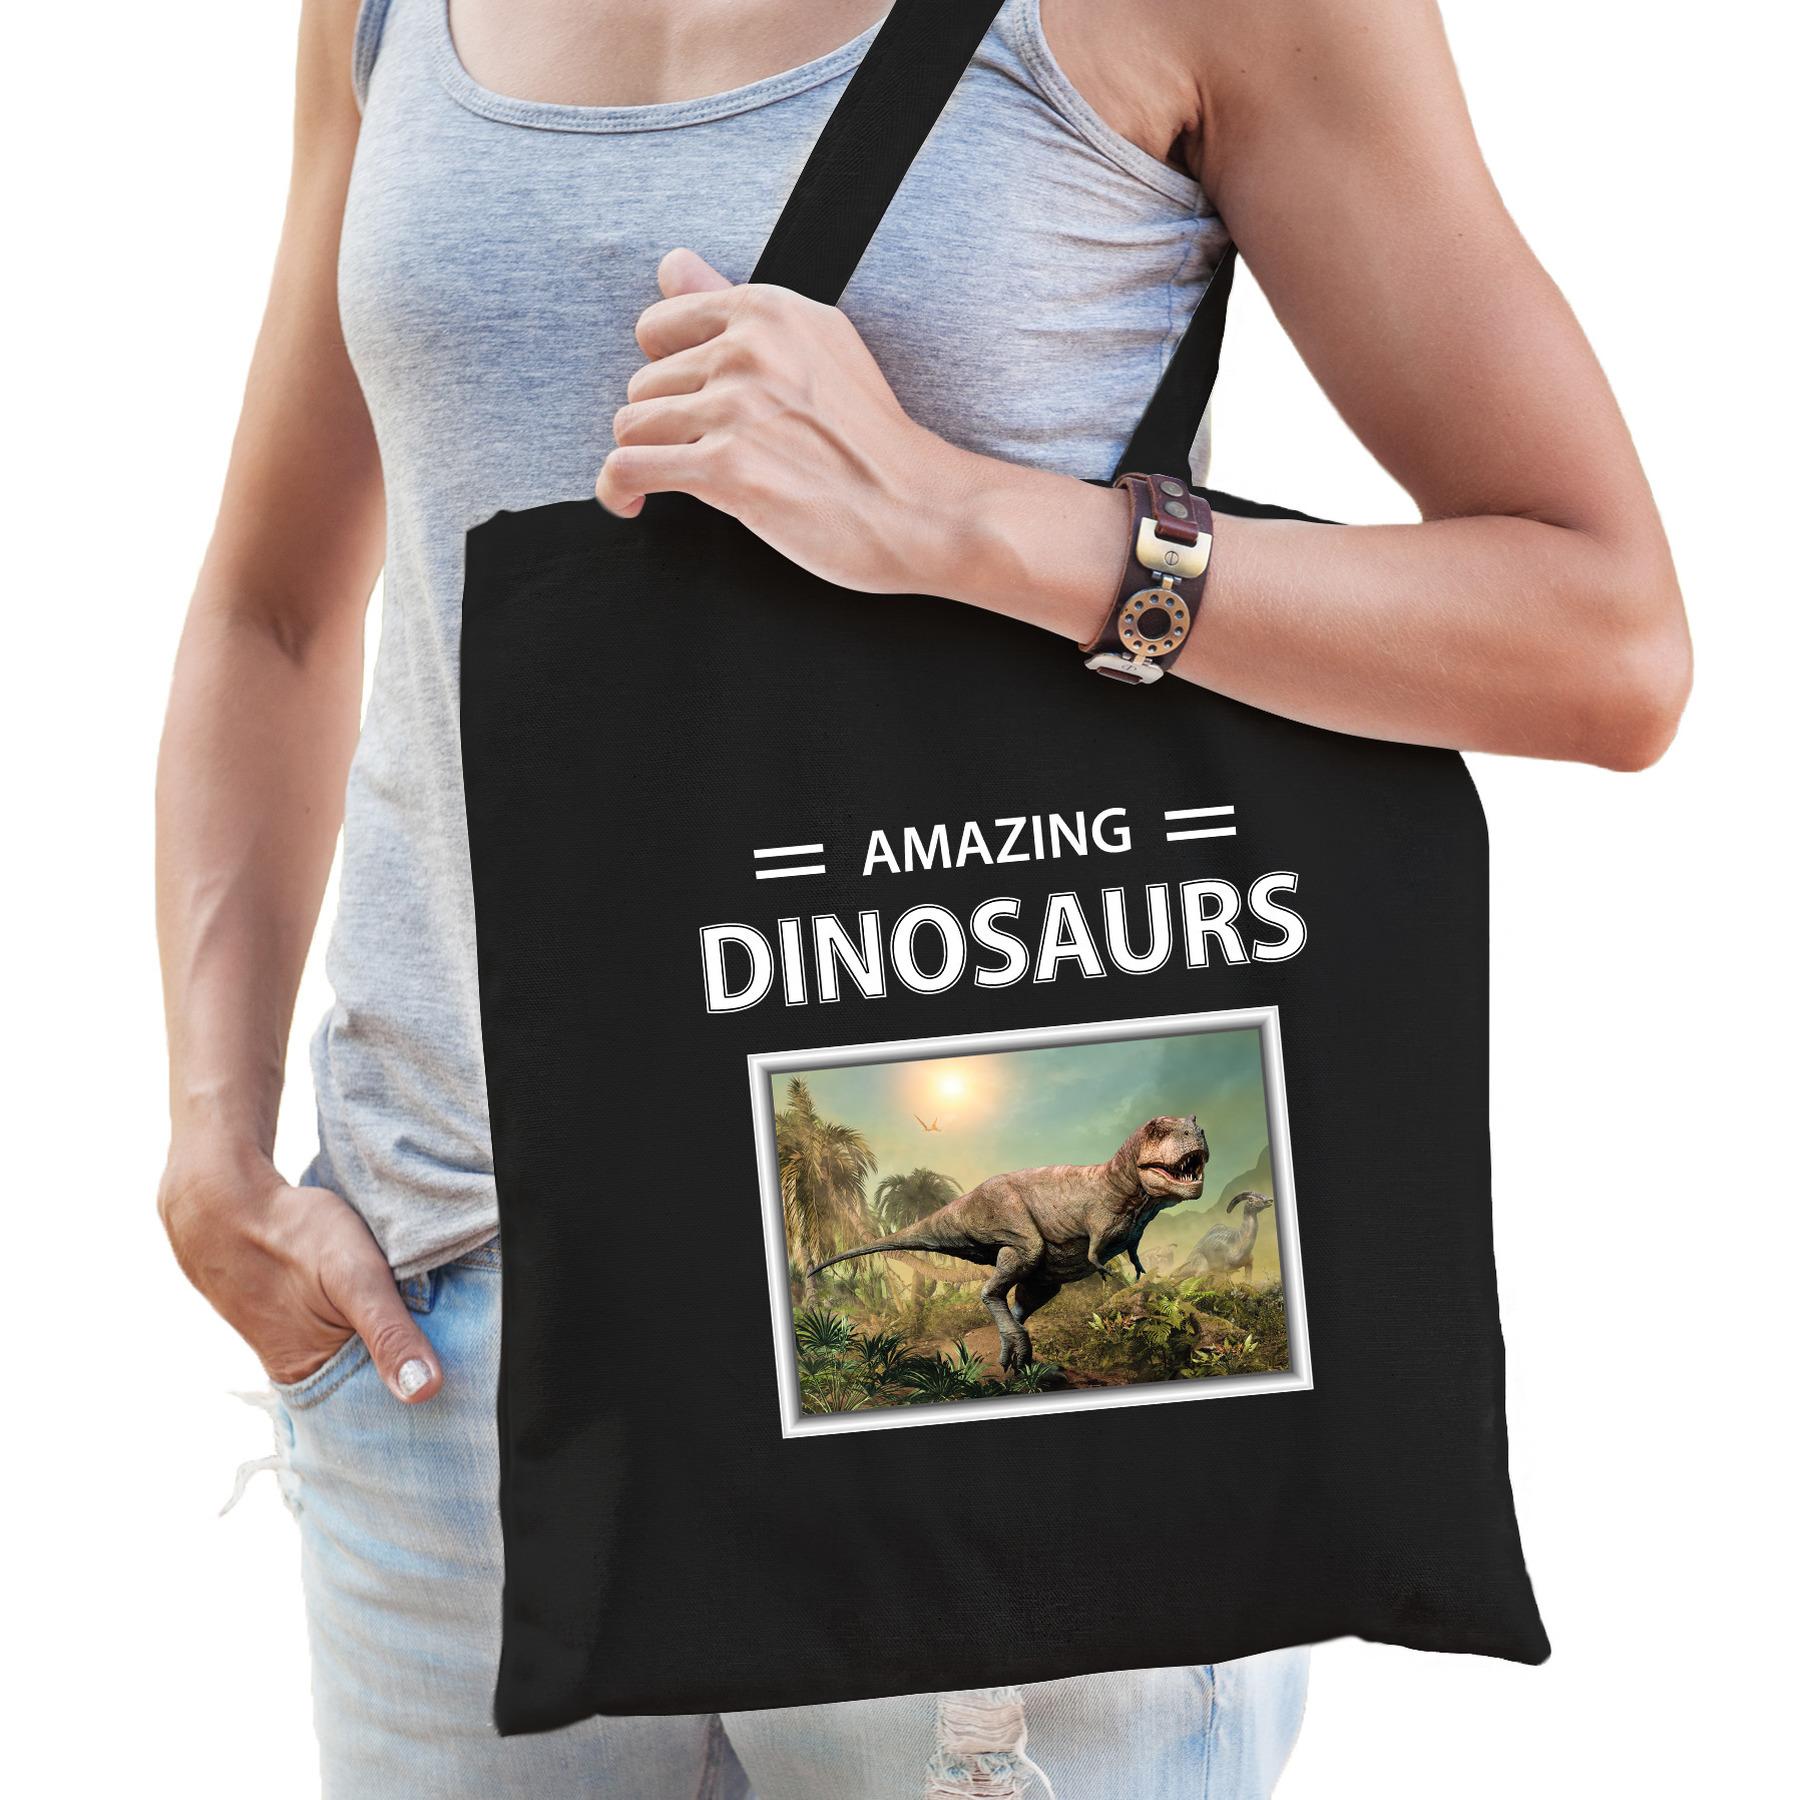 Katoenen tasje T-rex dinosaurus zwart - amazing dinosaurs tyrannosaurus dino cadeau tas